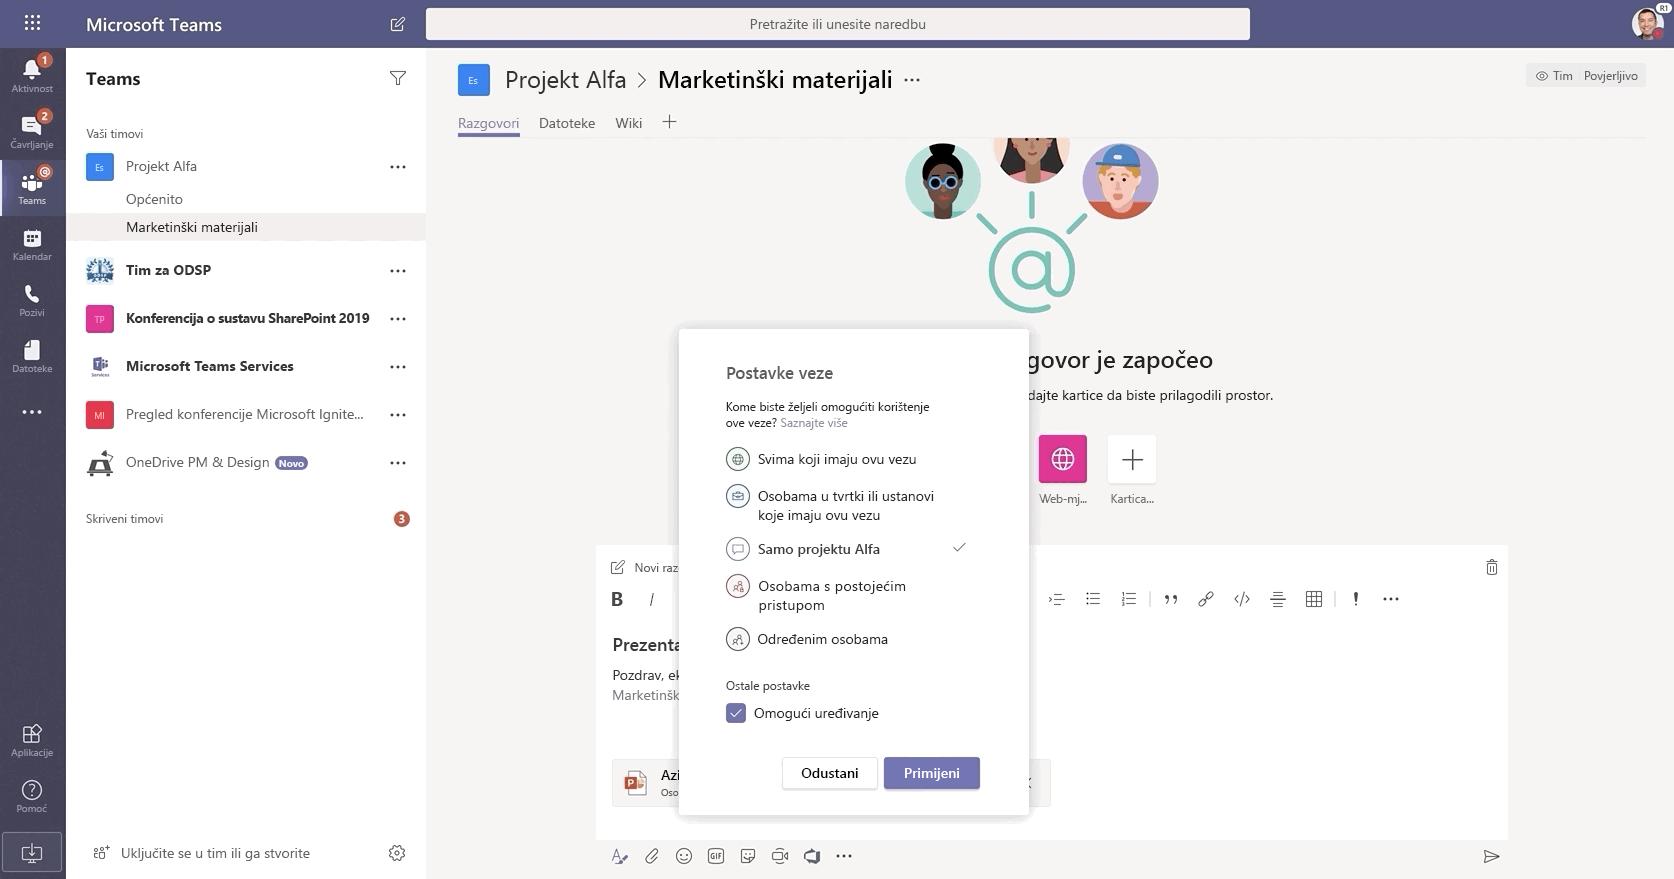 Slika razgovora na servisu Microsoft Teams.